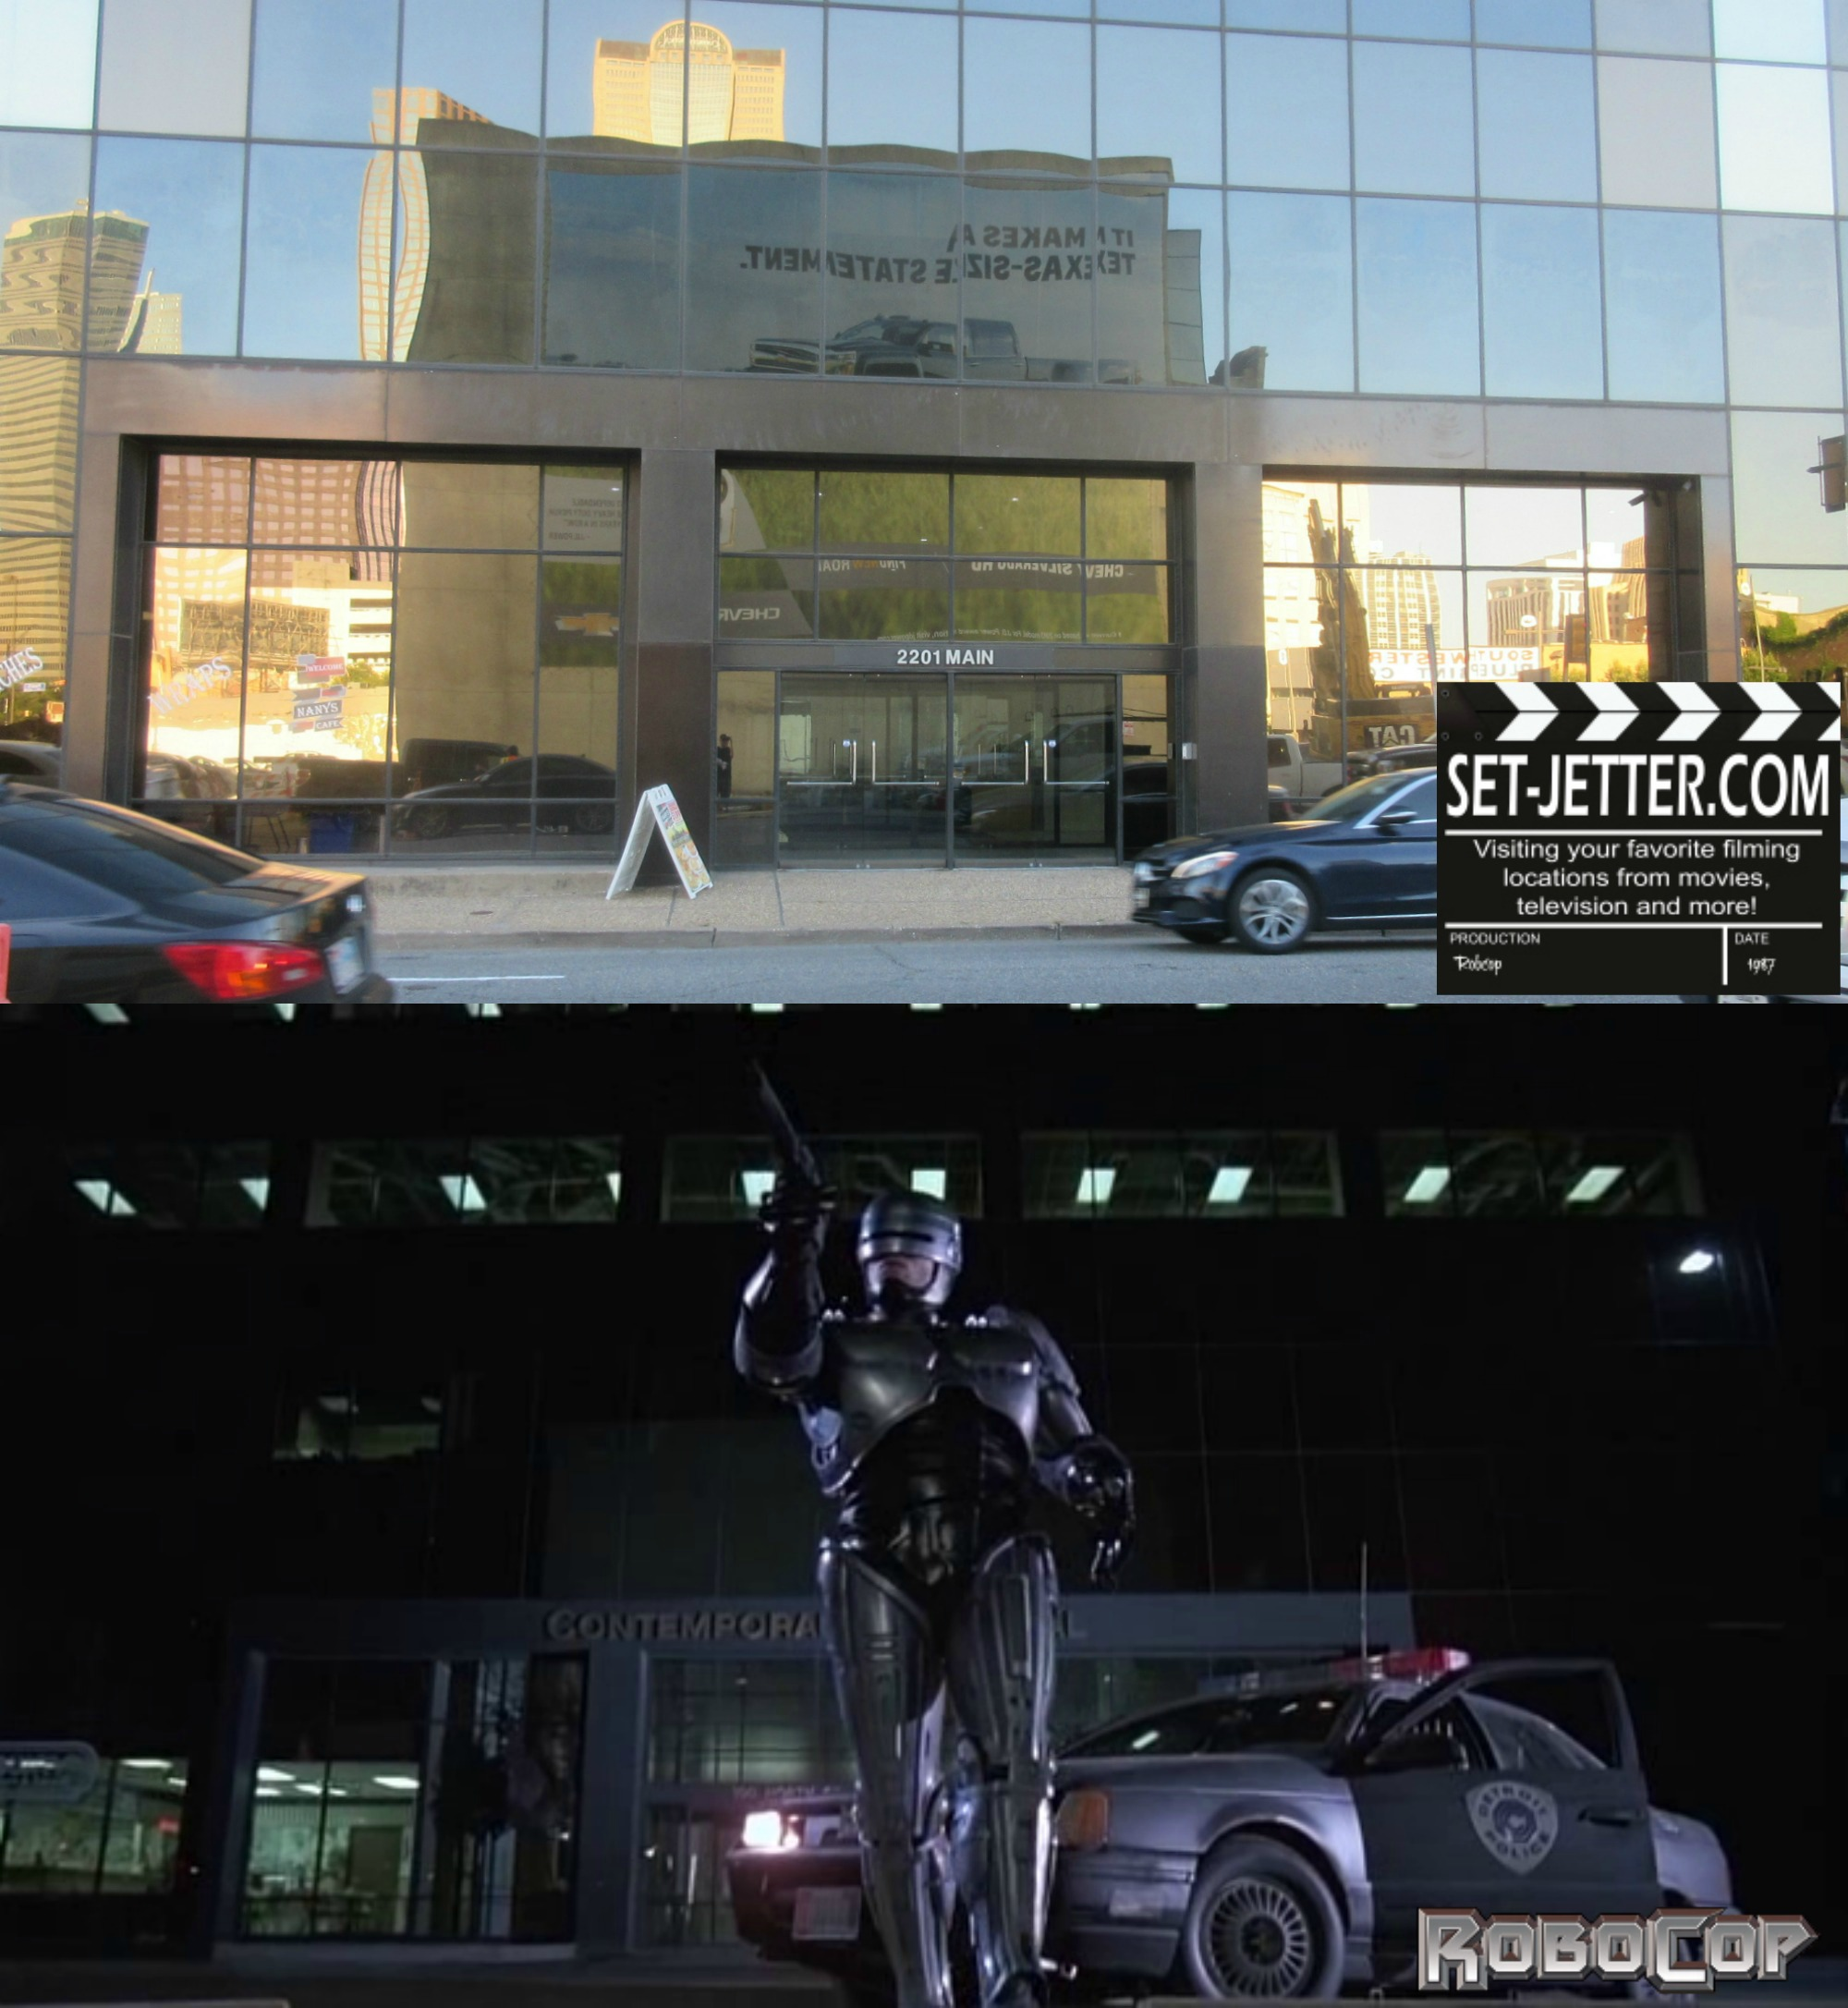 Robocop comparison 63.jpg